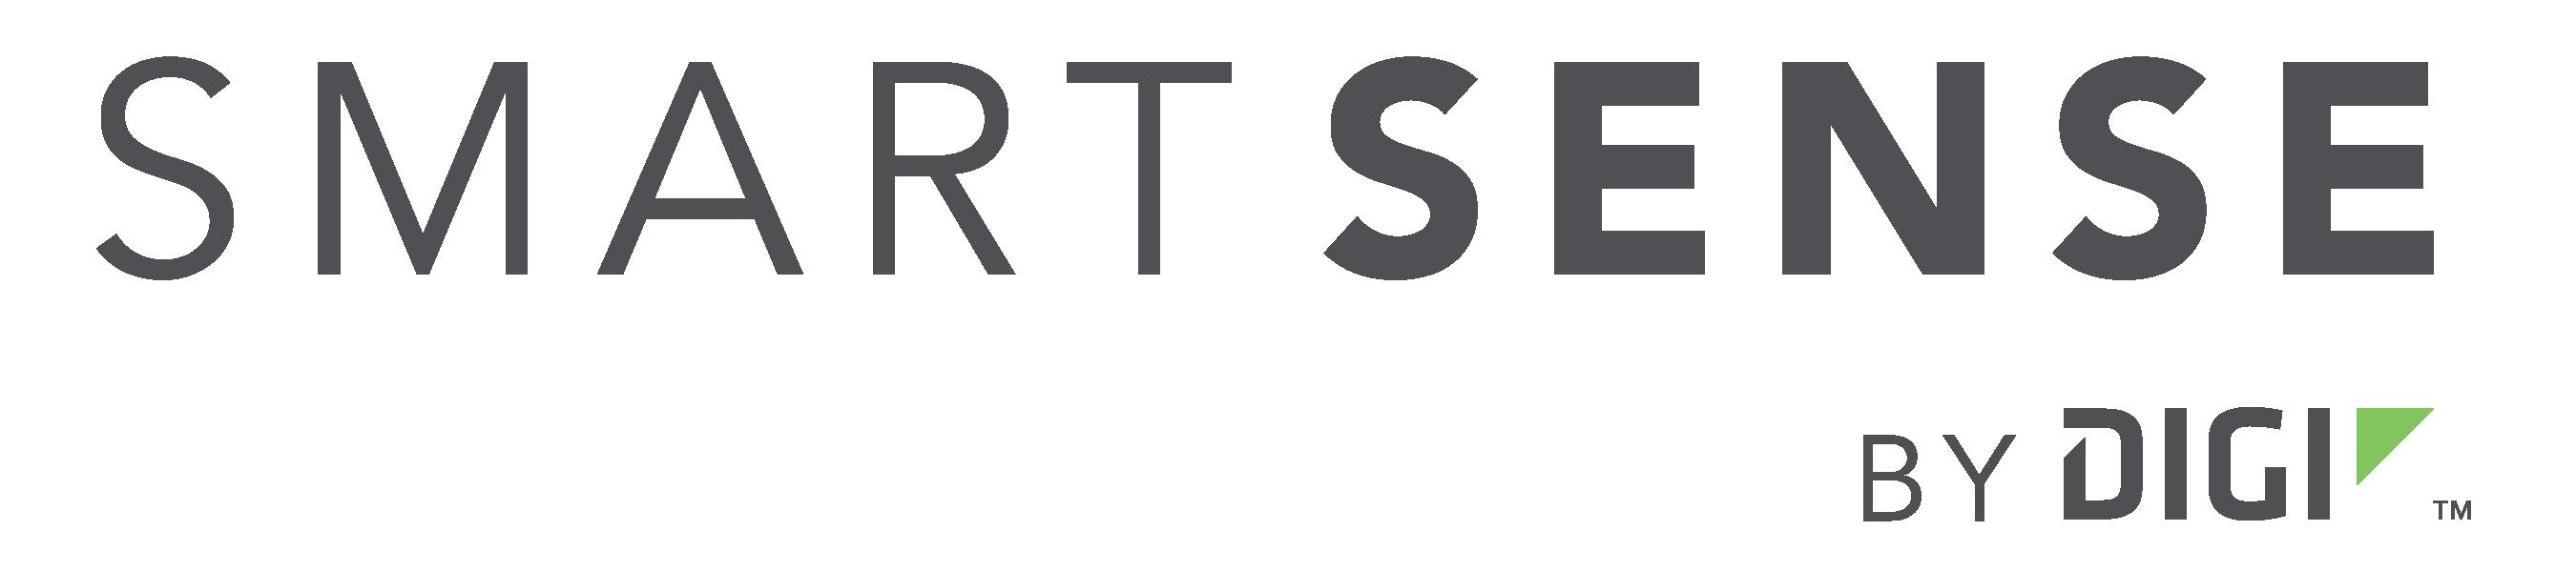 SmartSense by Digi